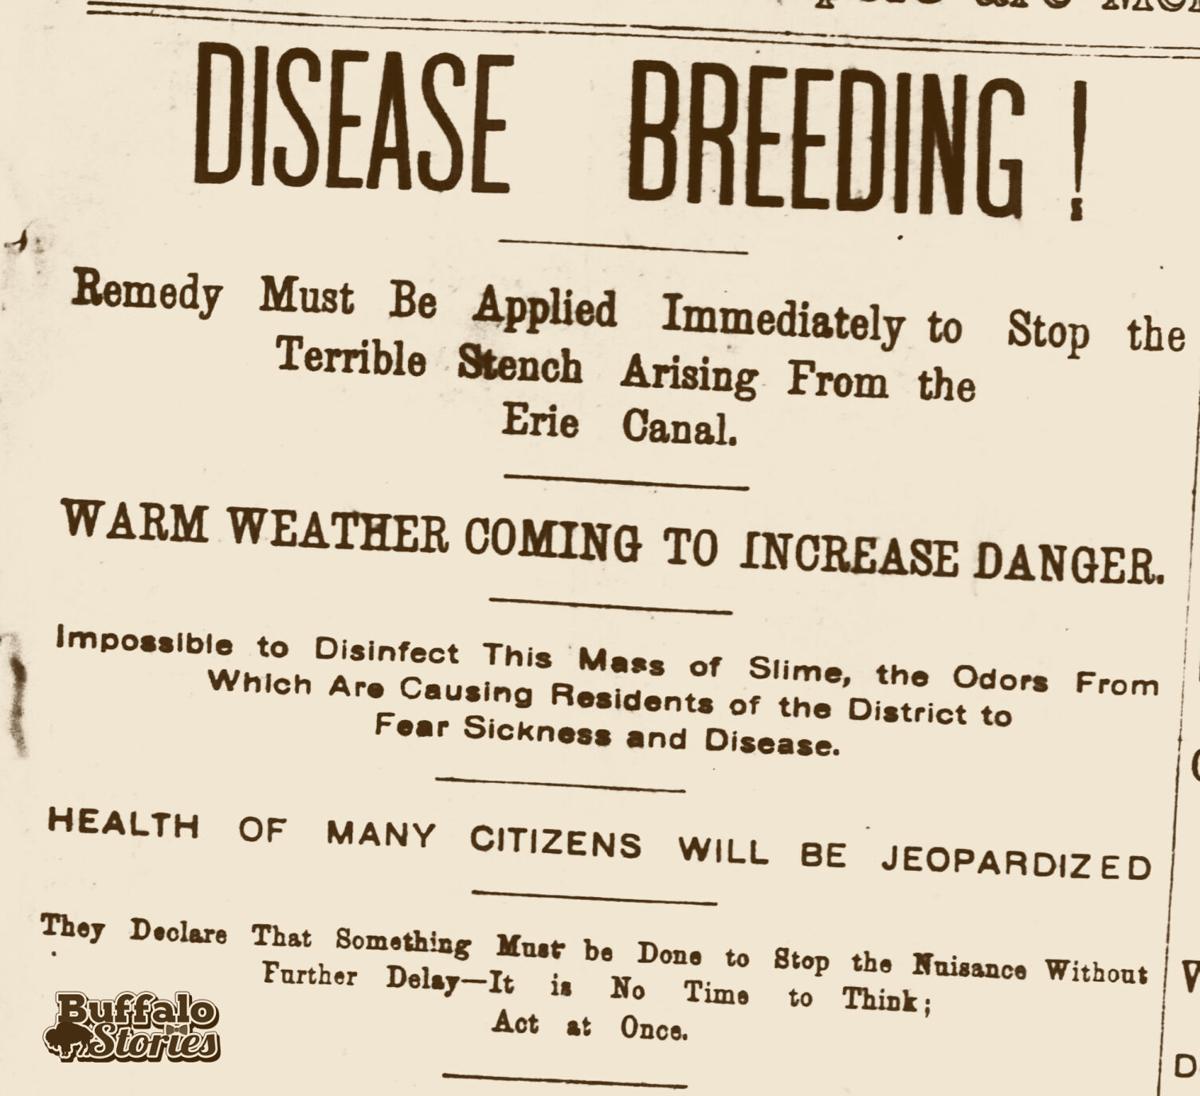 Erie Canal Buffalo Enquirer headline 1897.jpg